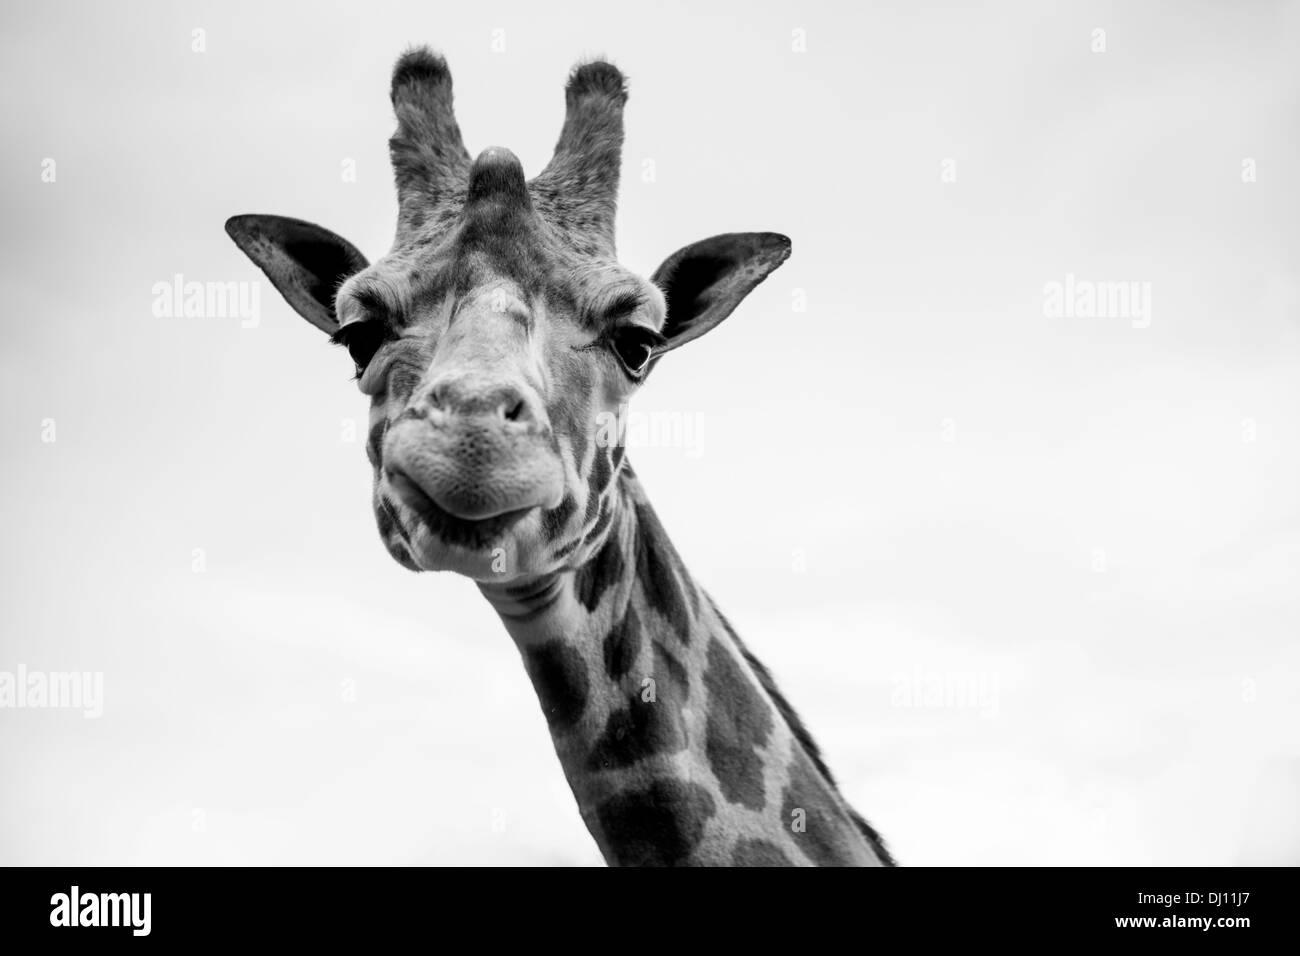 Un seul portrait de girafe en noir et blanc Photo Stock